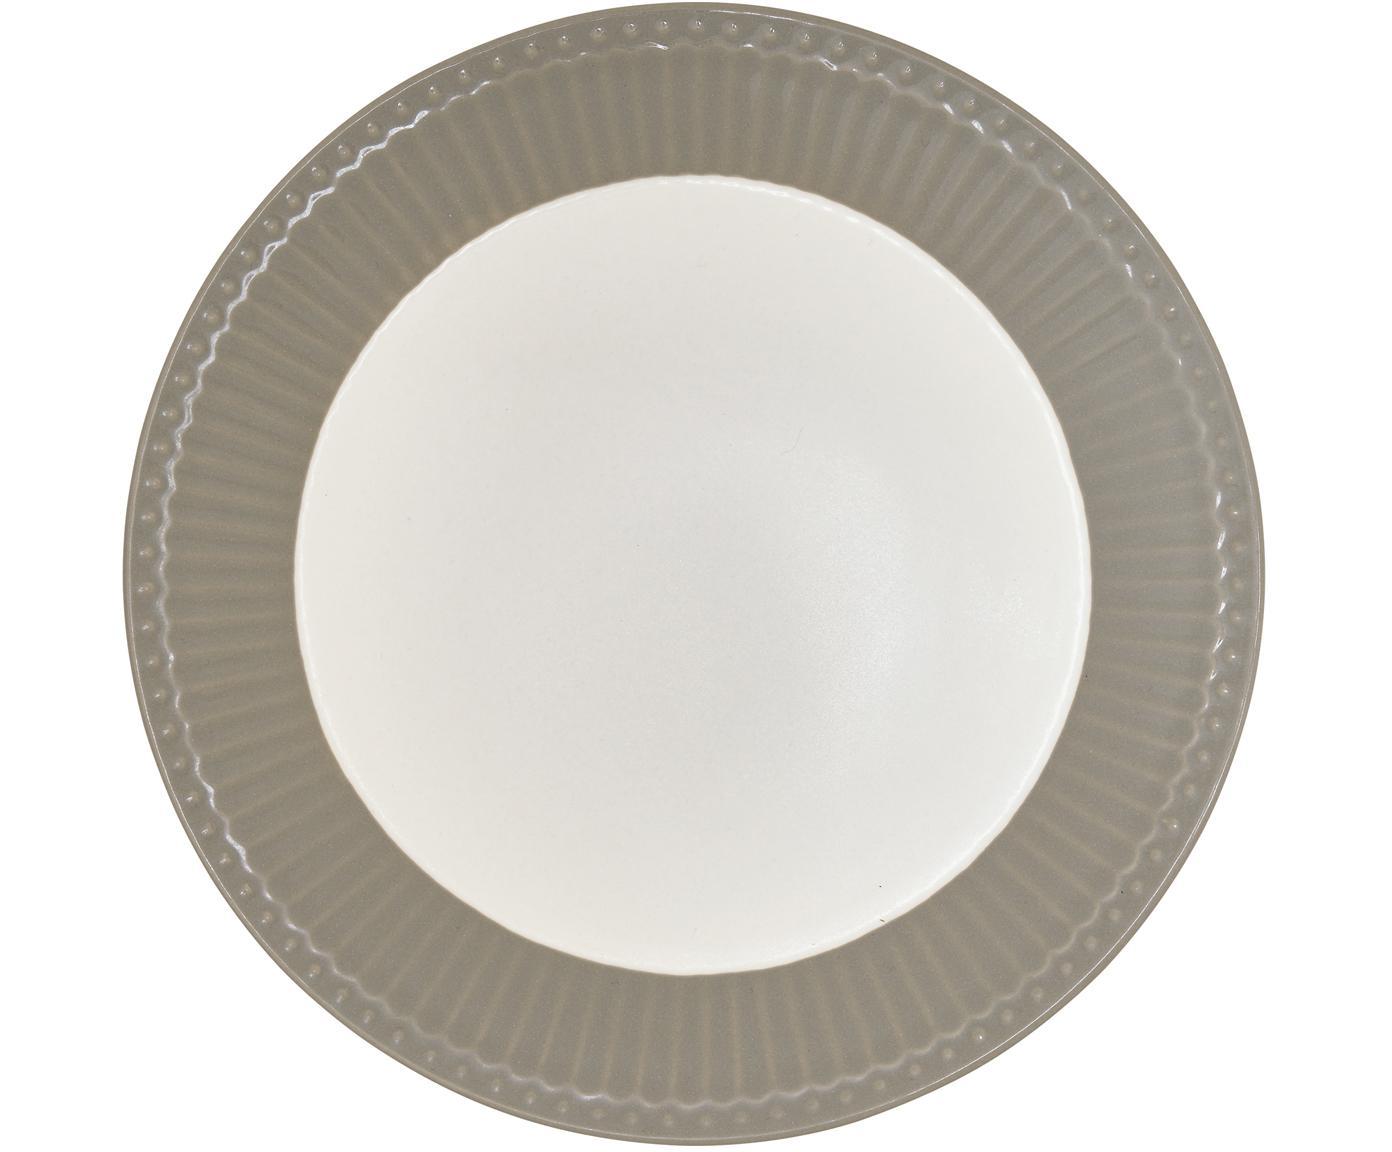 Frühstücksteller Alice in Grau mit Reliefdesign, 2 Stück, Porzellan, Grau, Weiß, Ø 23 cm